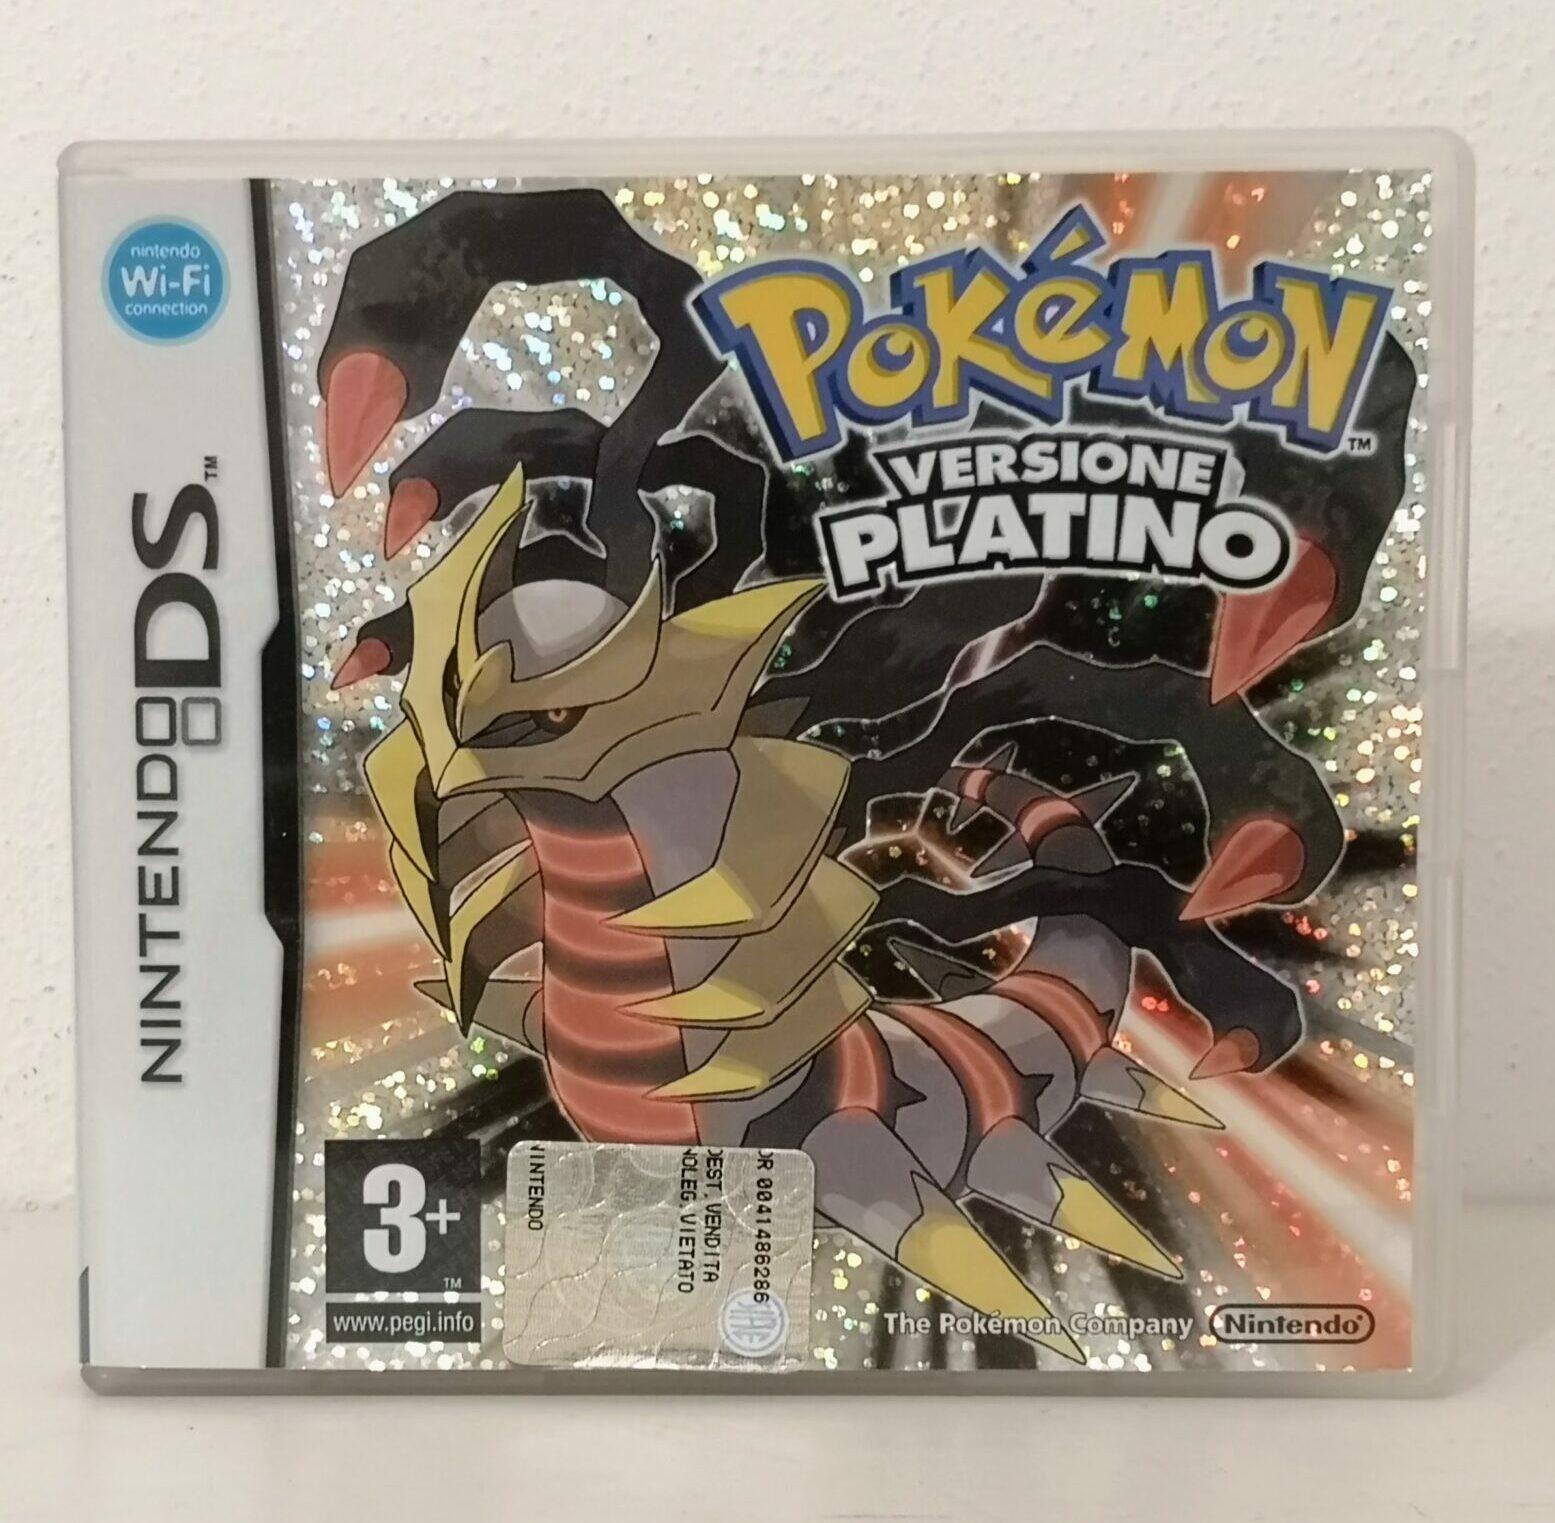 Pokémon Versione Platino